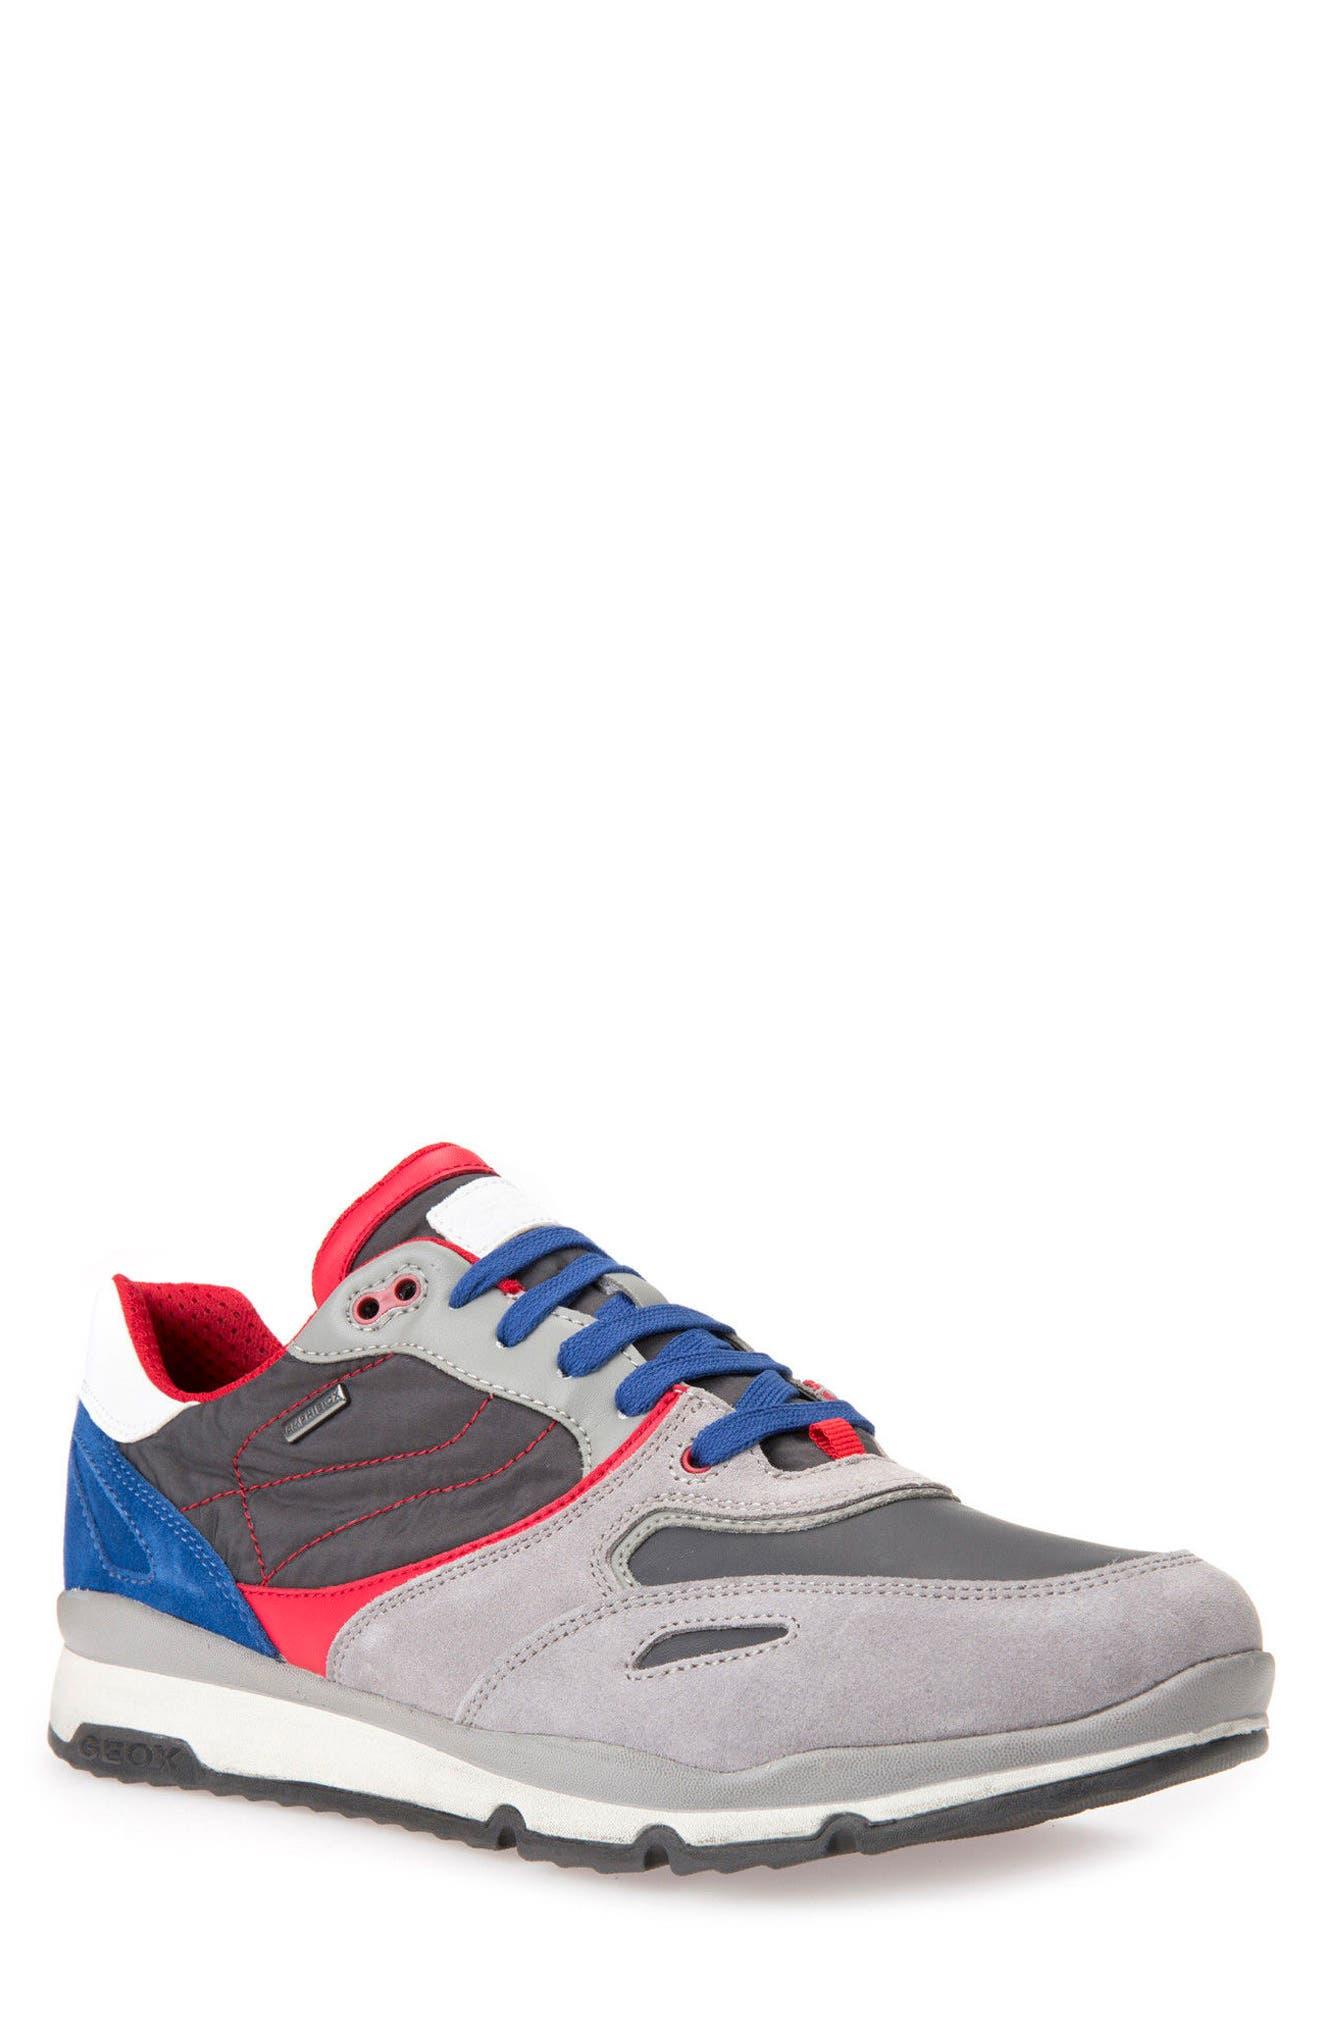 Alternate Image 1 Selected - Geox Sandro ABX Ambphibiox Waterproof Sneaker (Men)